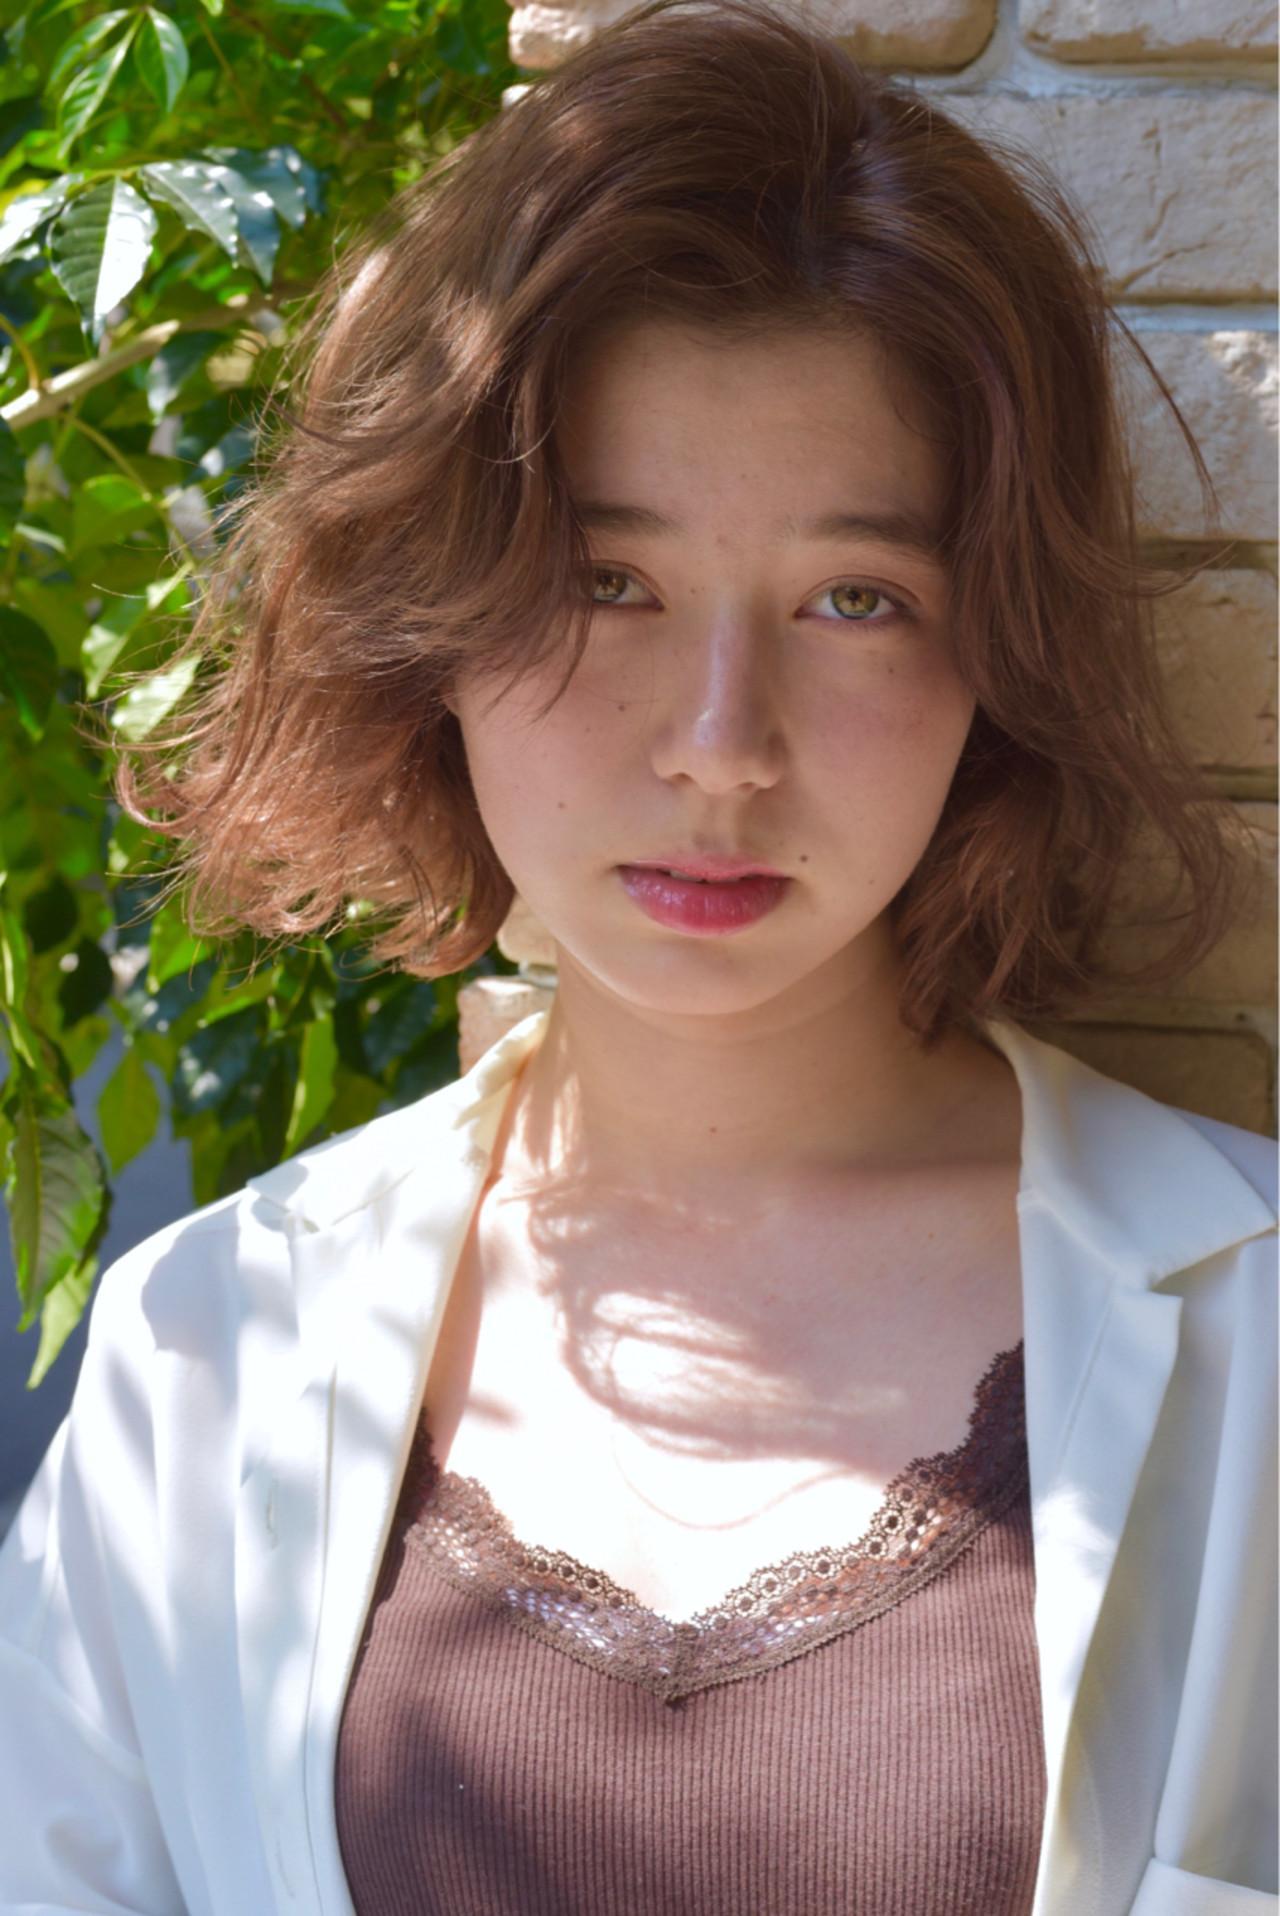 色気 女子会 アウトドア ボブ ヘアスタイルや髪型の写真・画像 | 小島翔一郎 / depart表参道